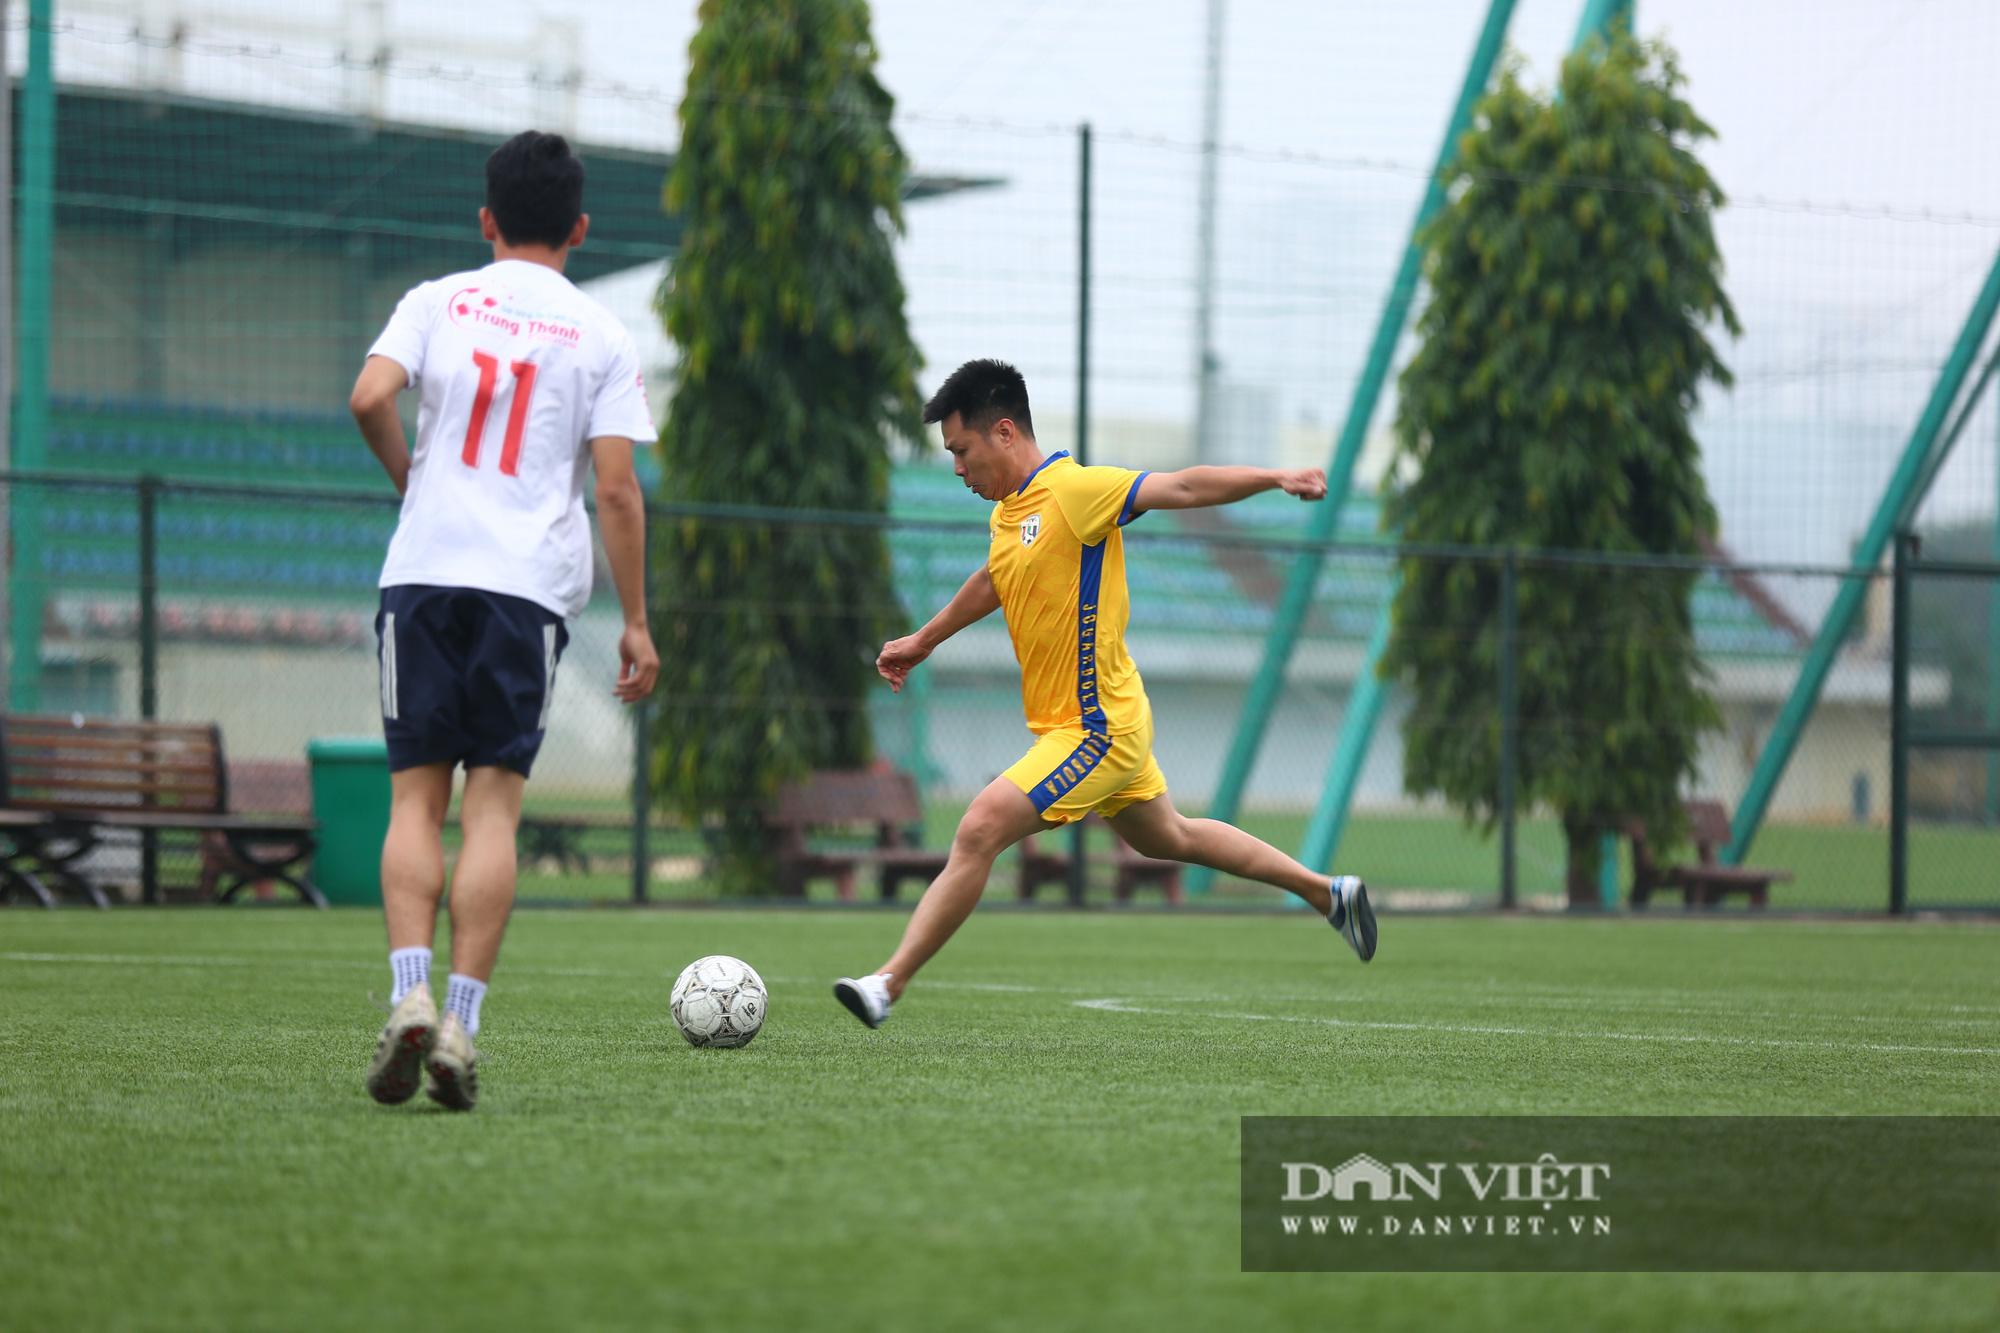 Khoảnh khắc lượt trận cuối cùng vòng bảng giải bóng đá báo NTNN/Dân Việt  - Ảnh 6.